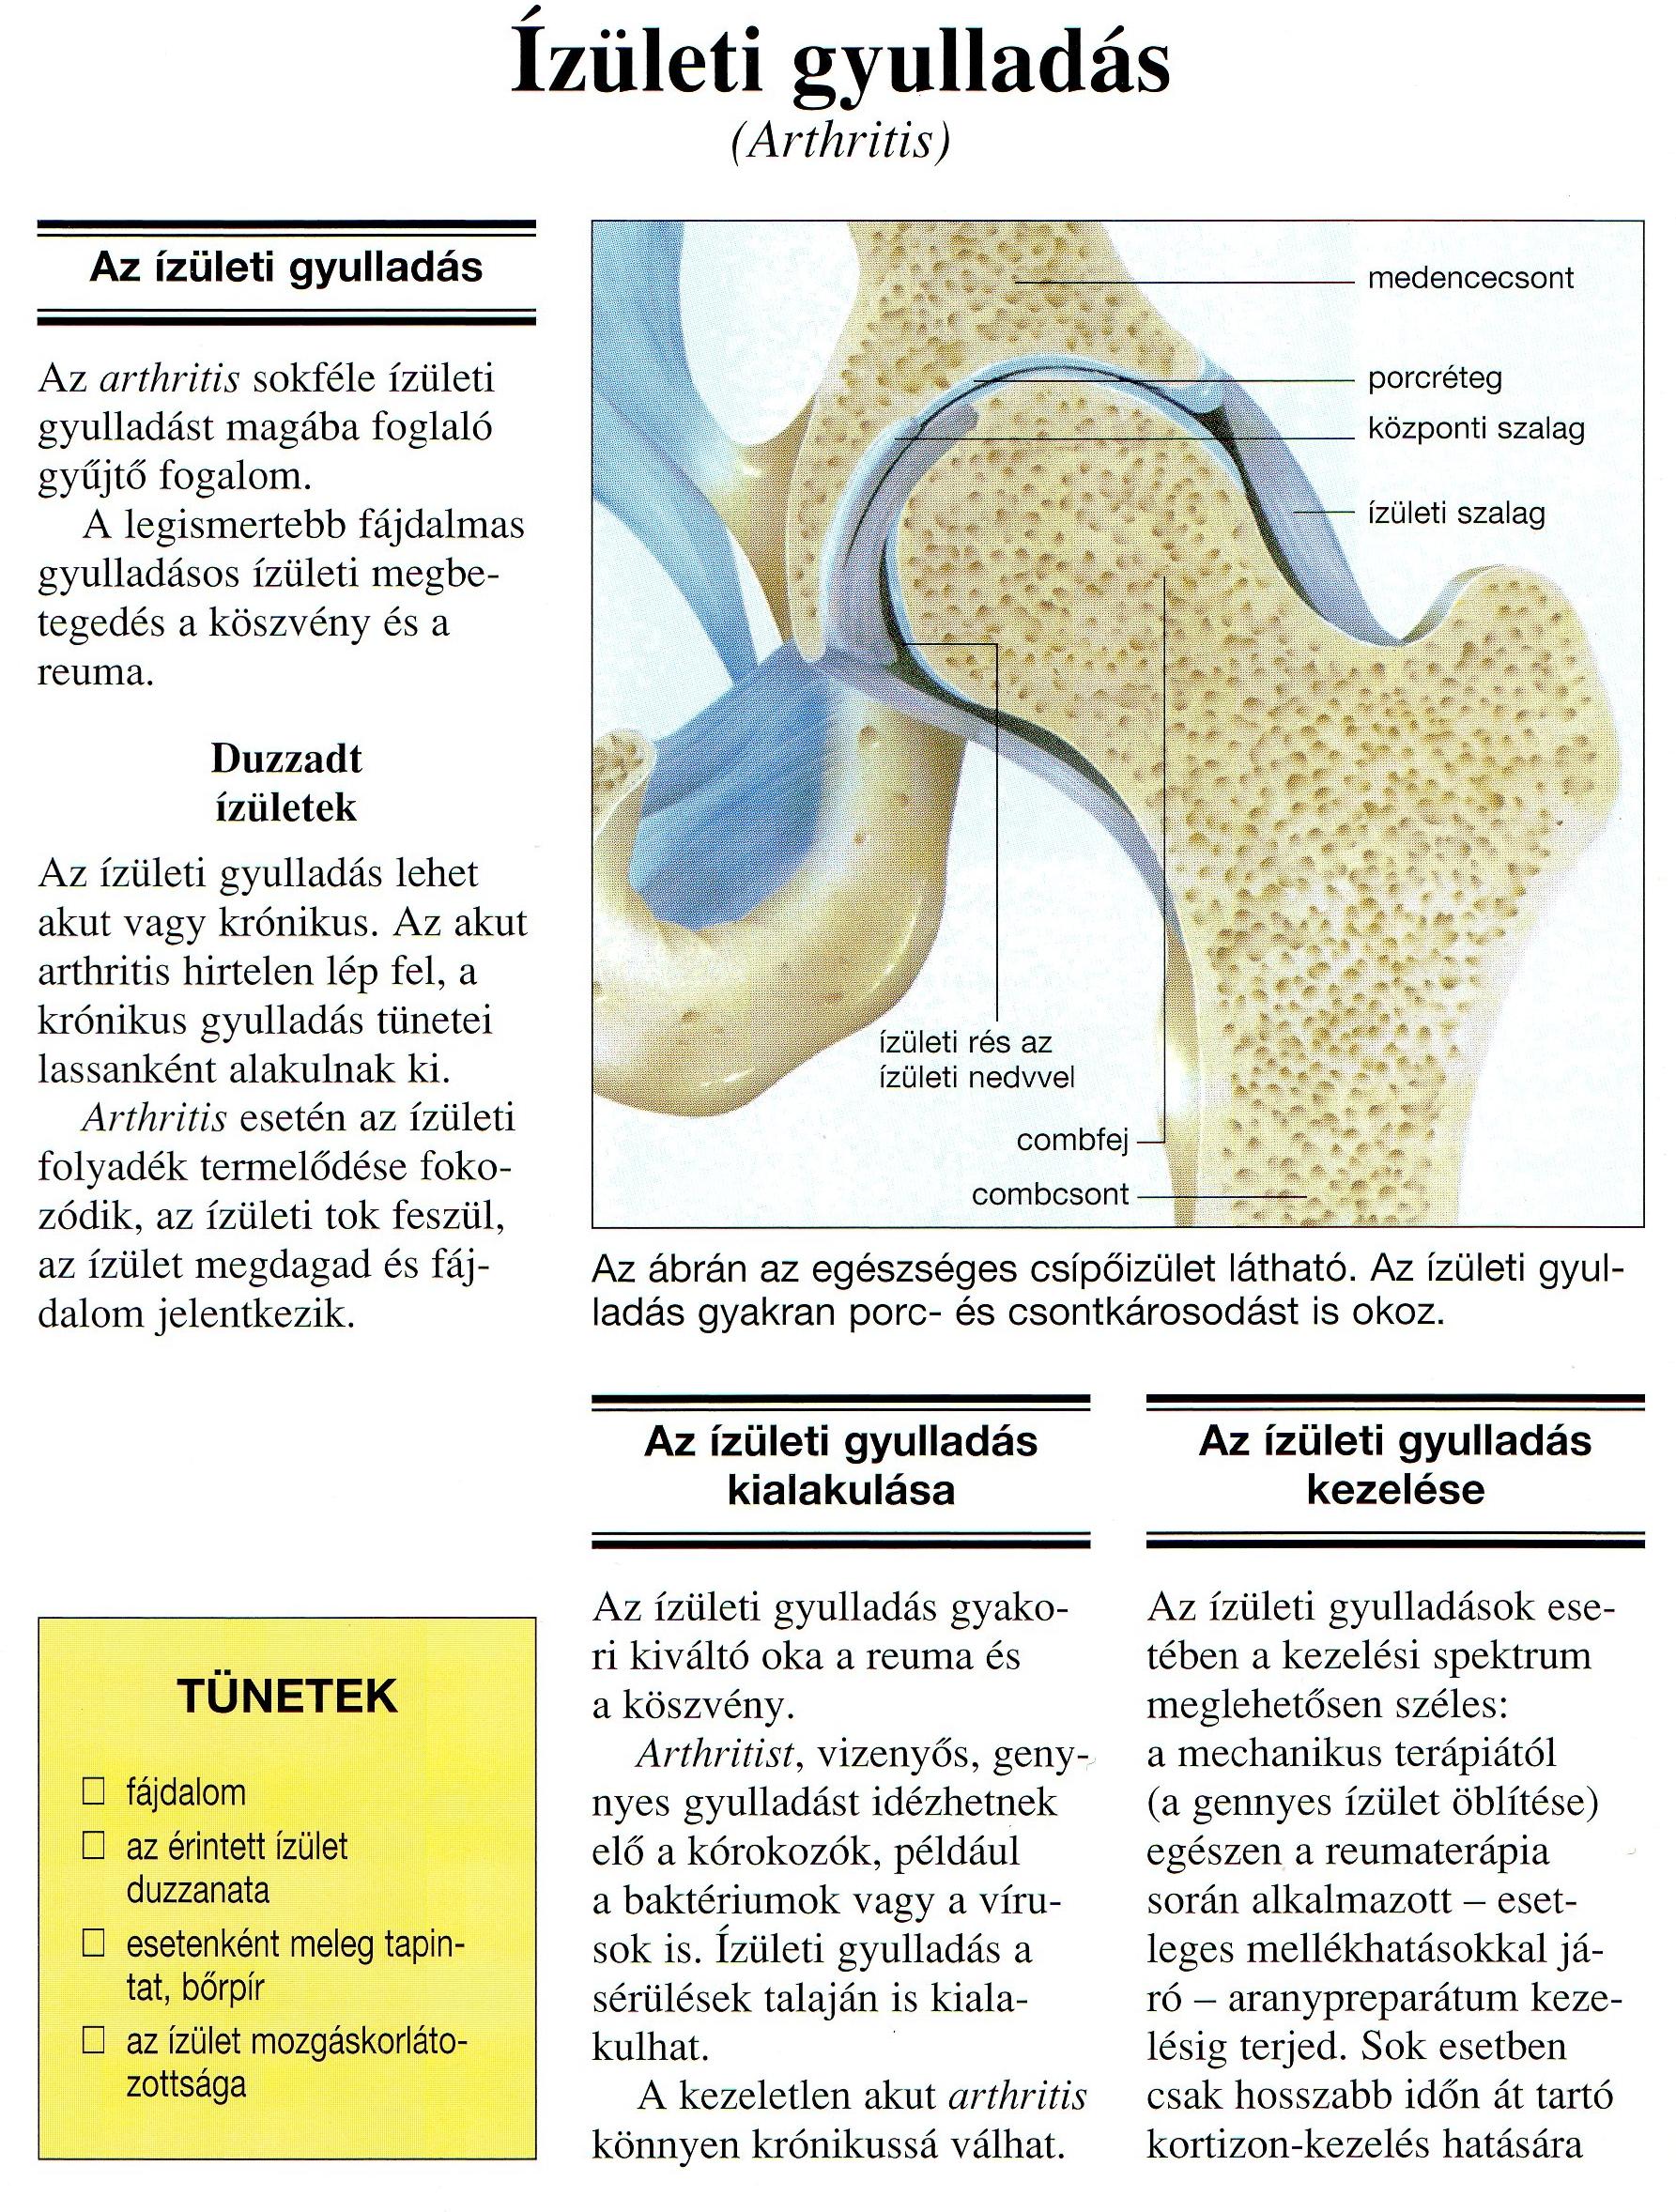 gennyes ízületi betegségek